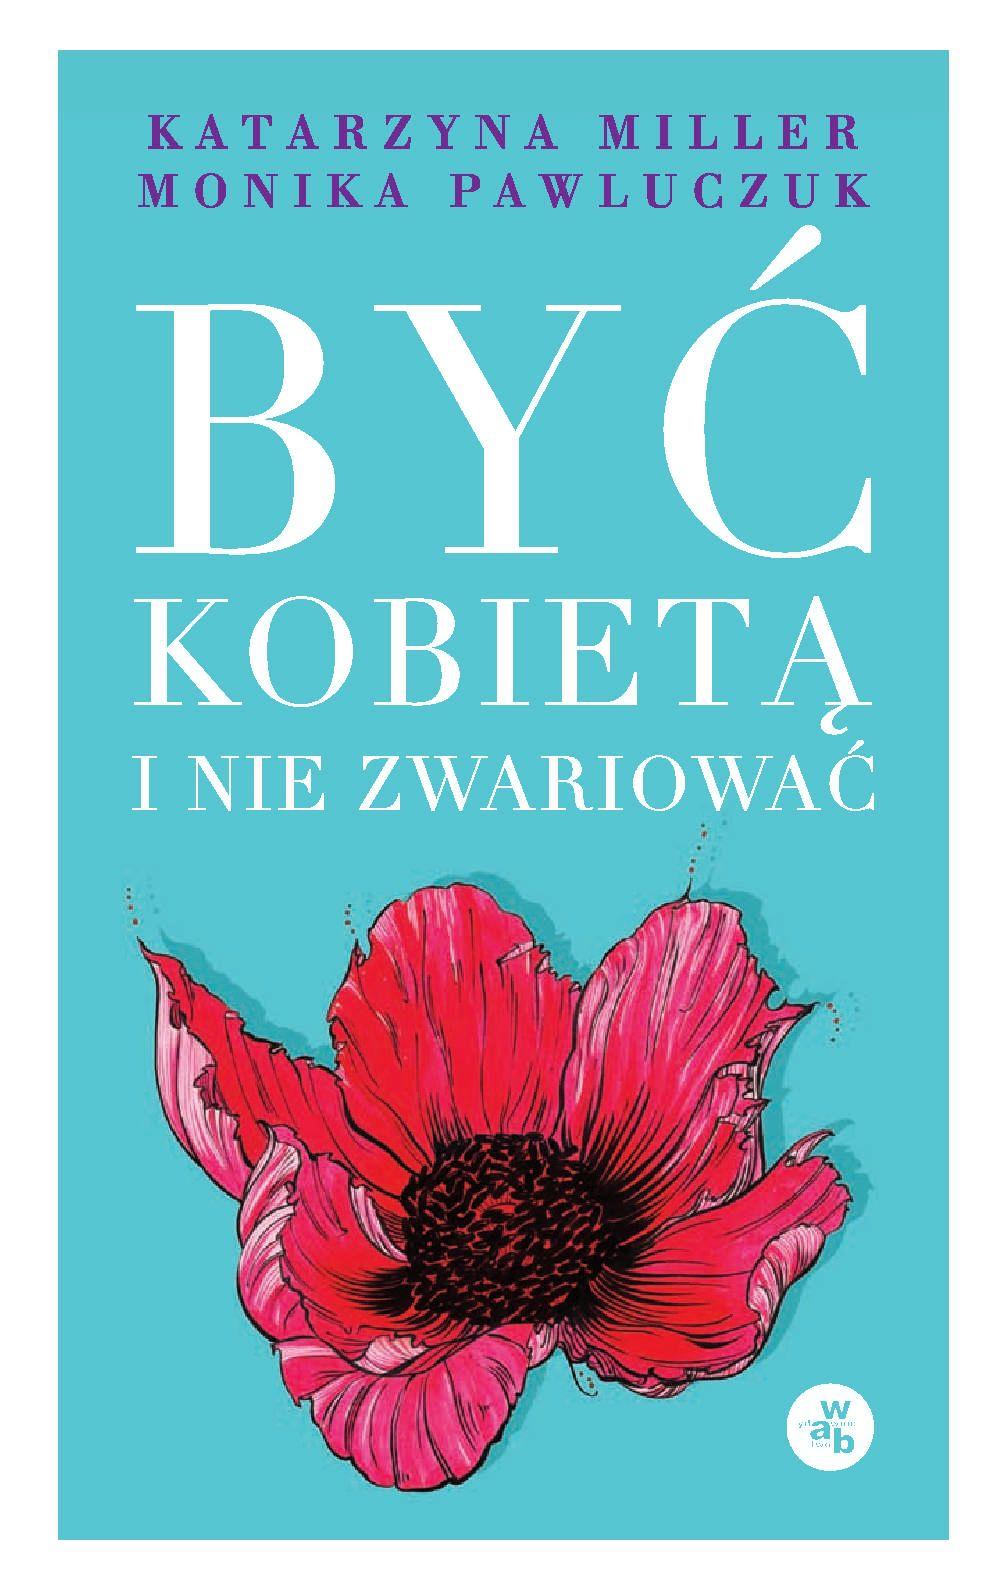 Być kobietą i nie zwariować - Ebook (Książka na Kindle) do pobrania w formacie MOBI